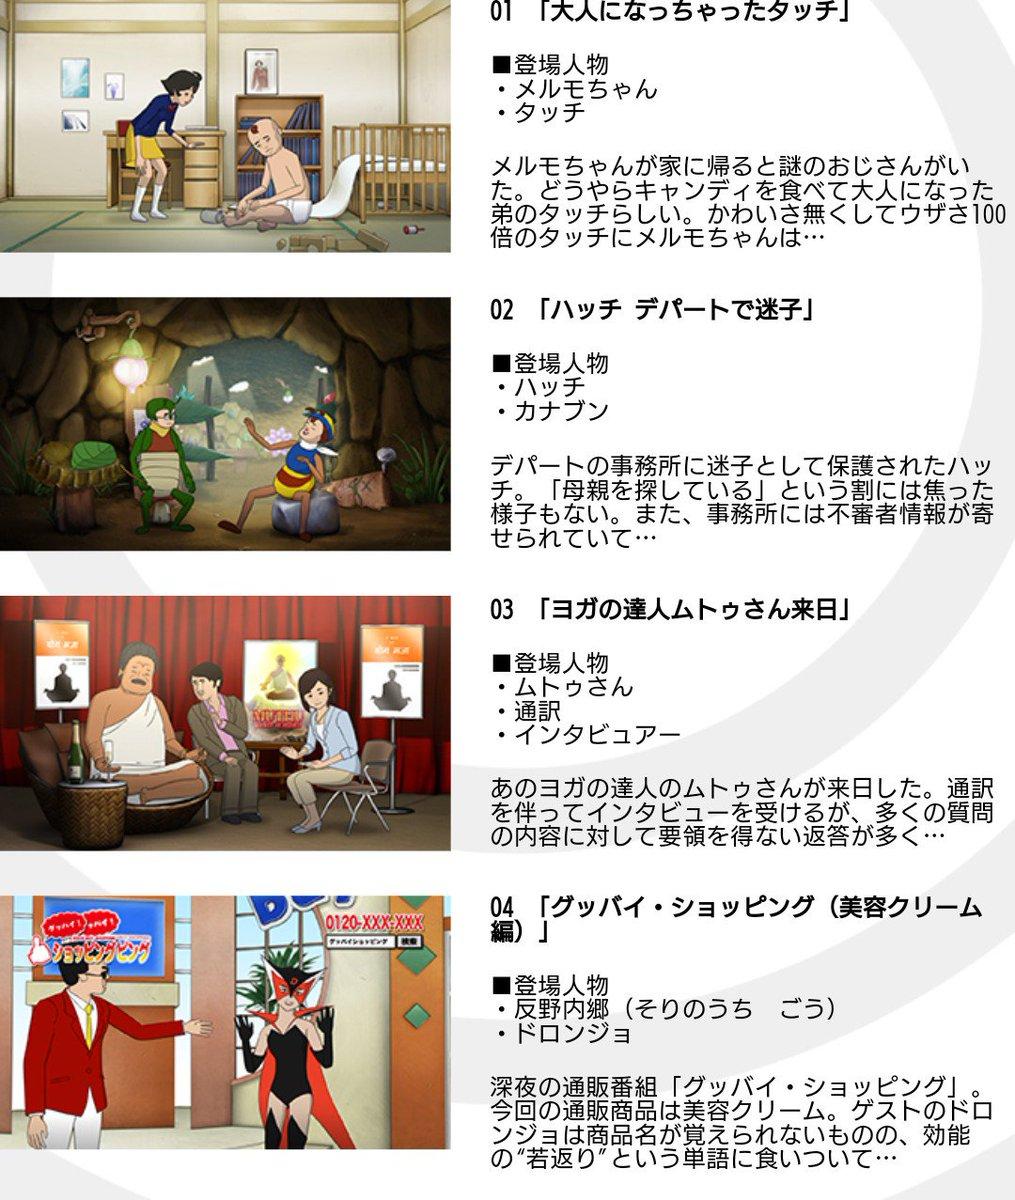 テレビ神奈川様で6月2日(金)25時~「Peeping Life TVシーズン1??」第9話が放送予定です。残り少なくな